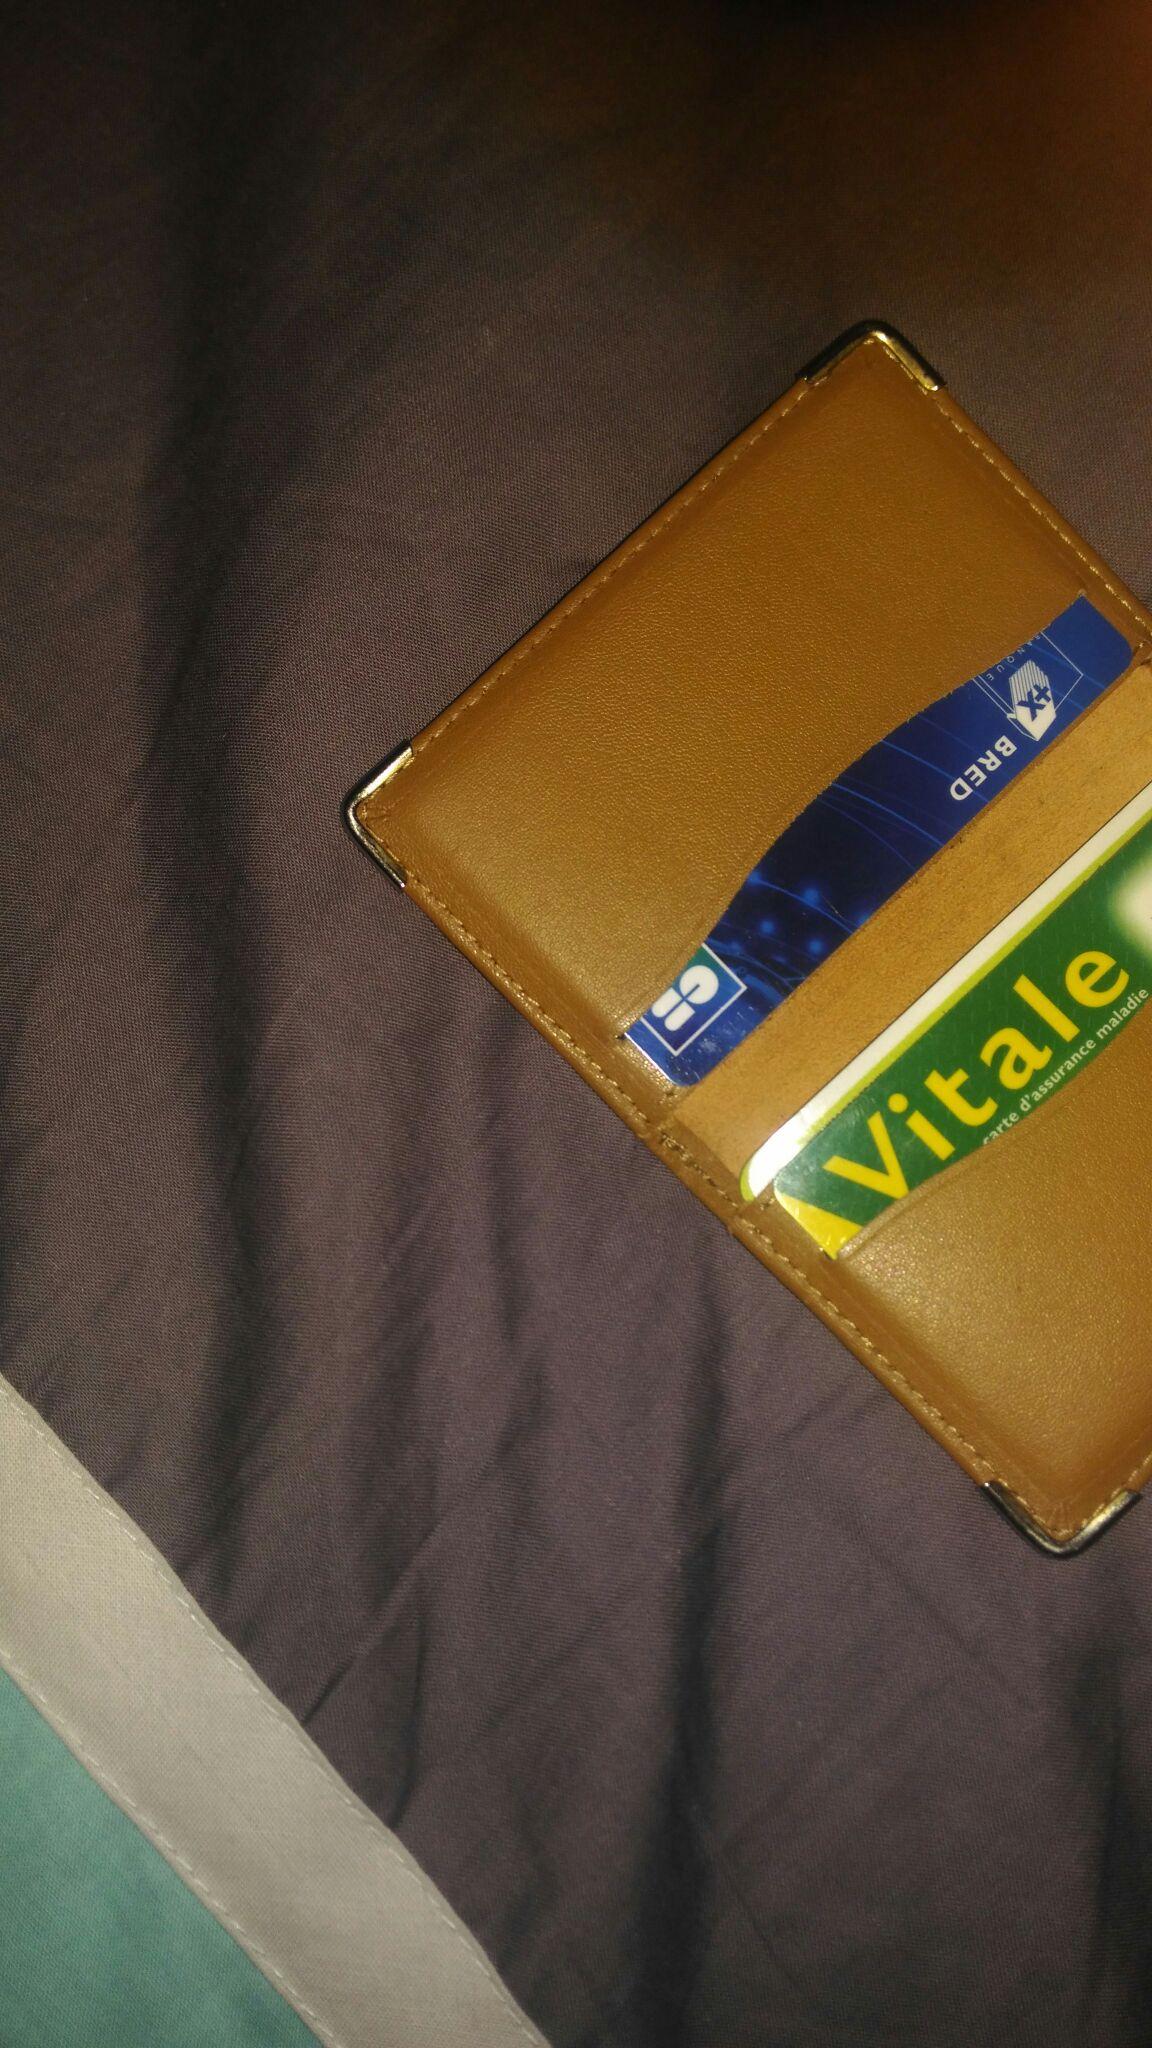 Portefeuille anti rfid lackingone rfid kb 001 en cuir - Ramette papier a4 leclerc ...